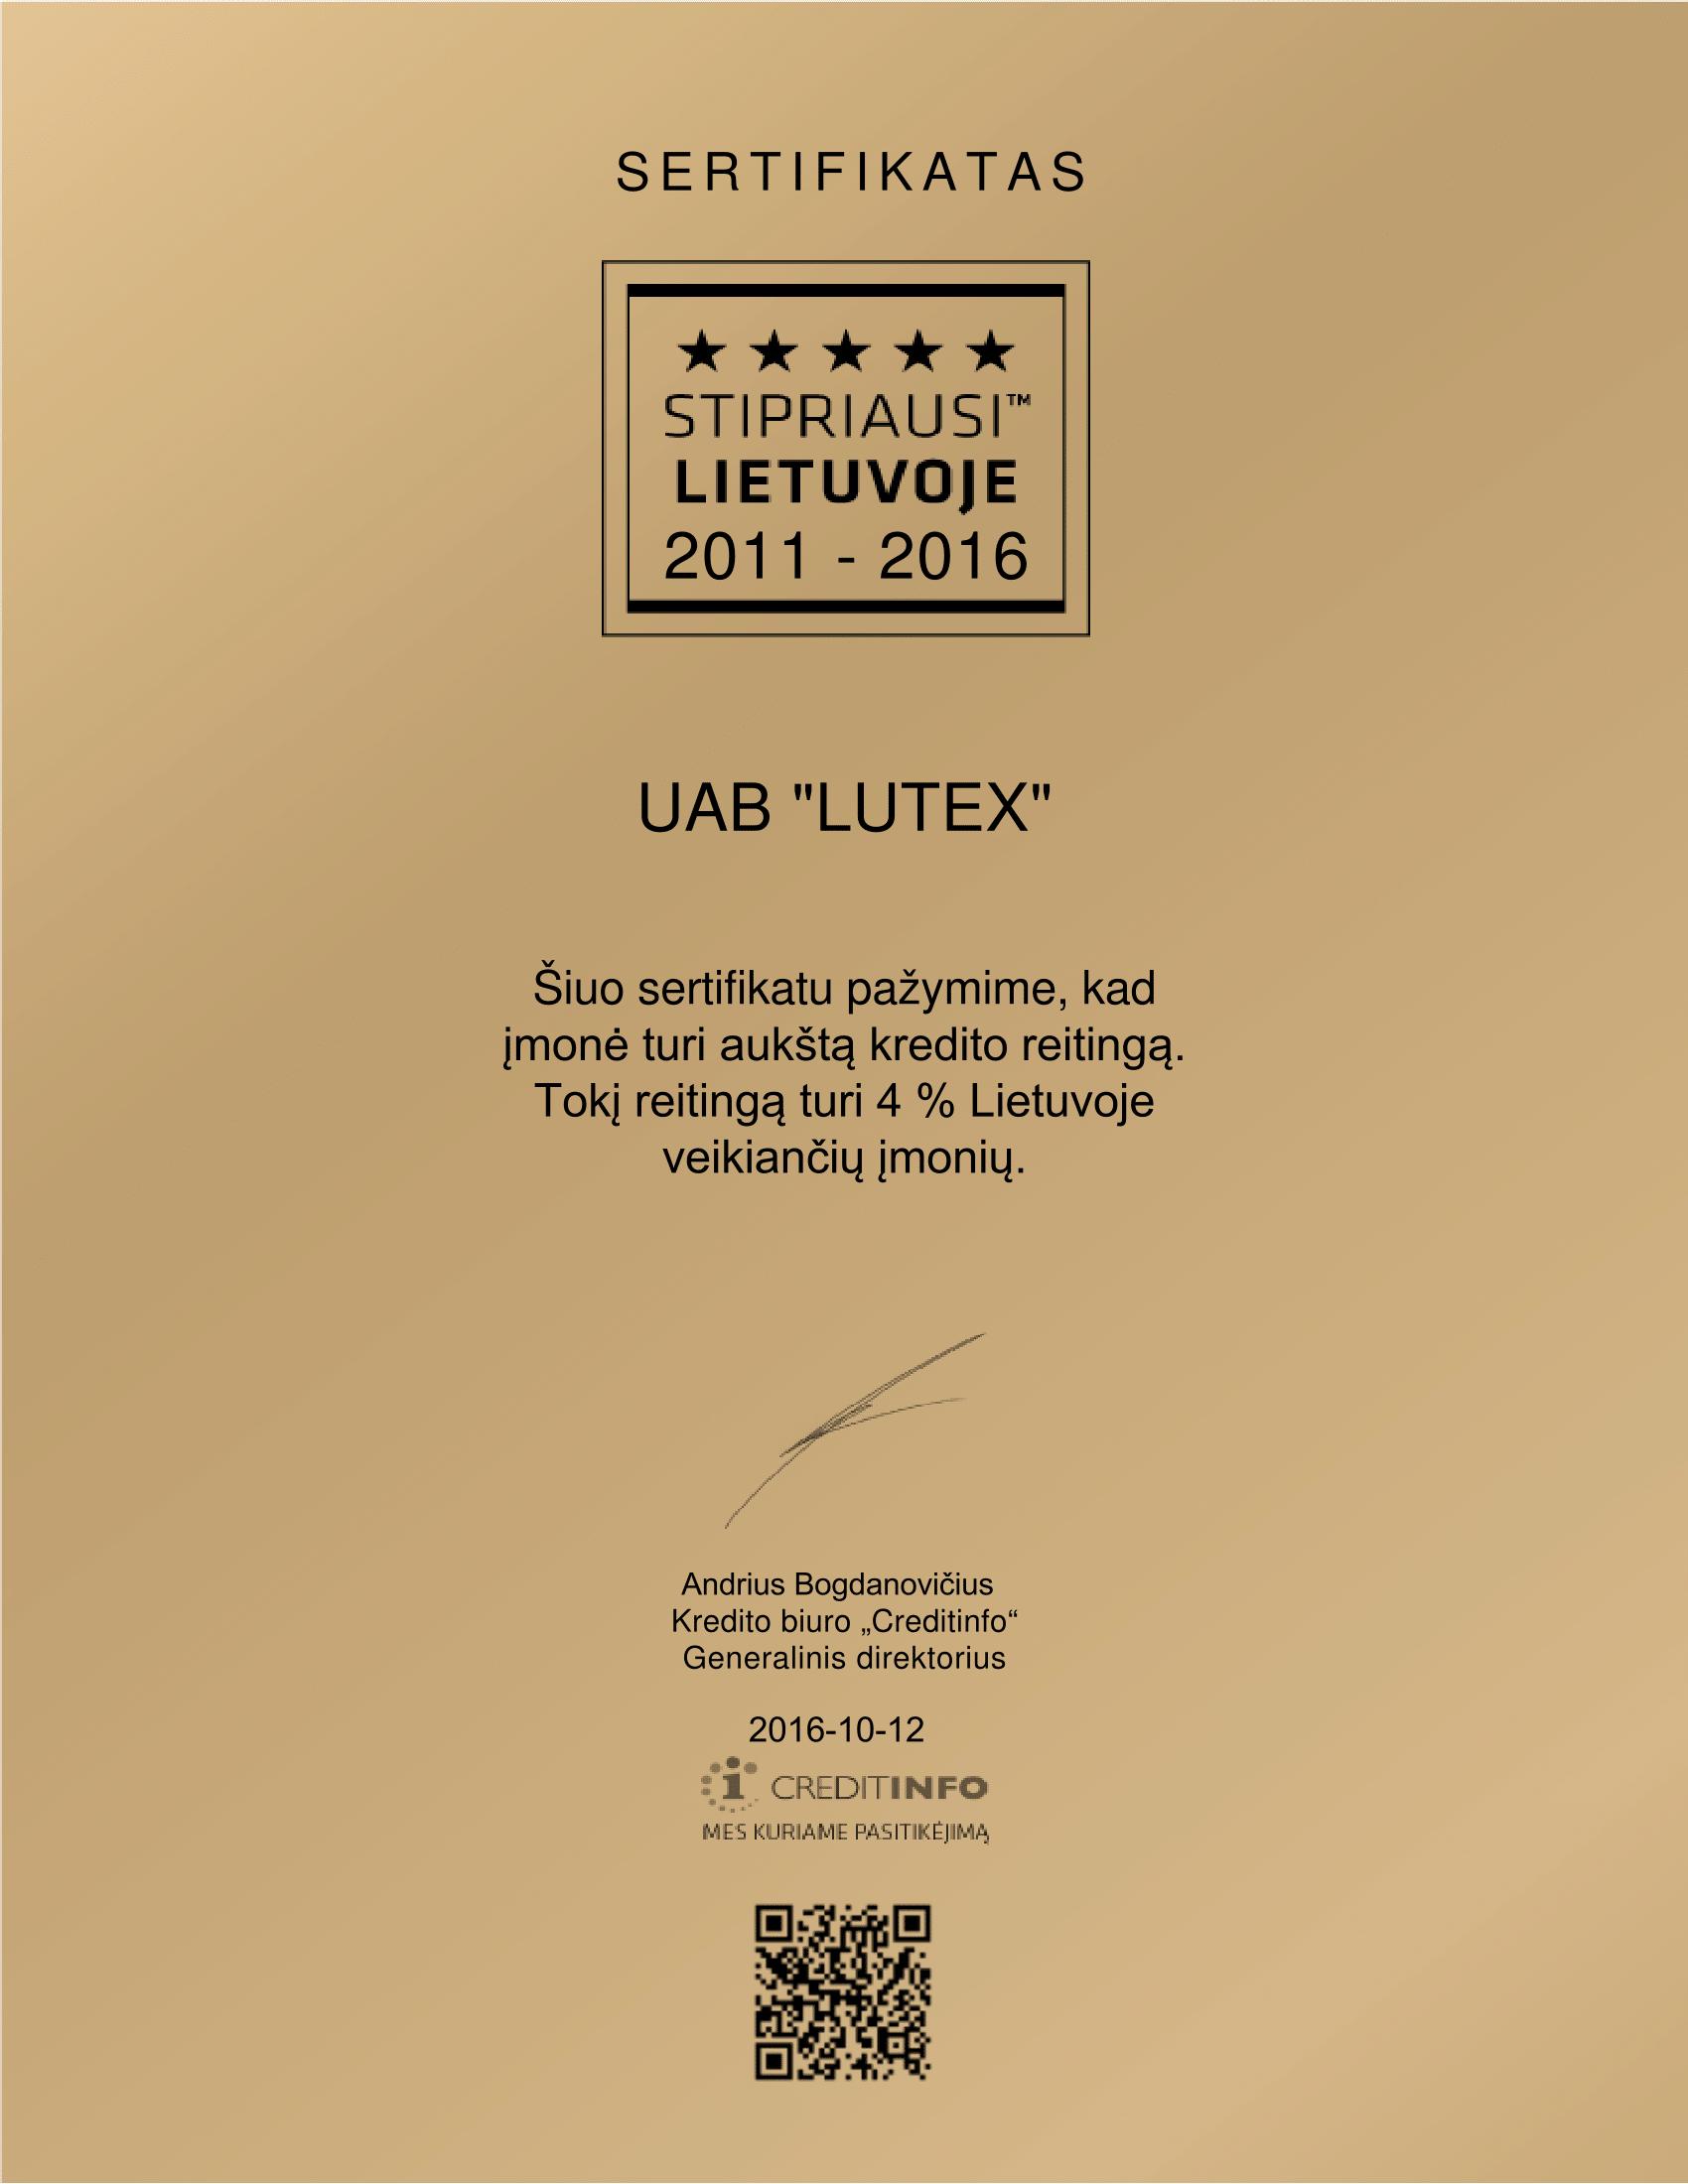 Lutex-1.png